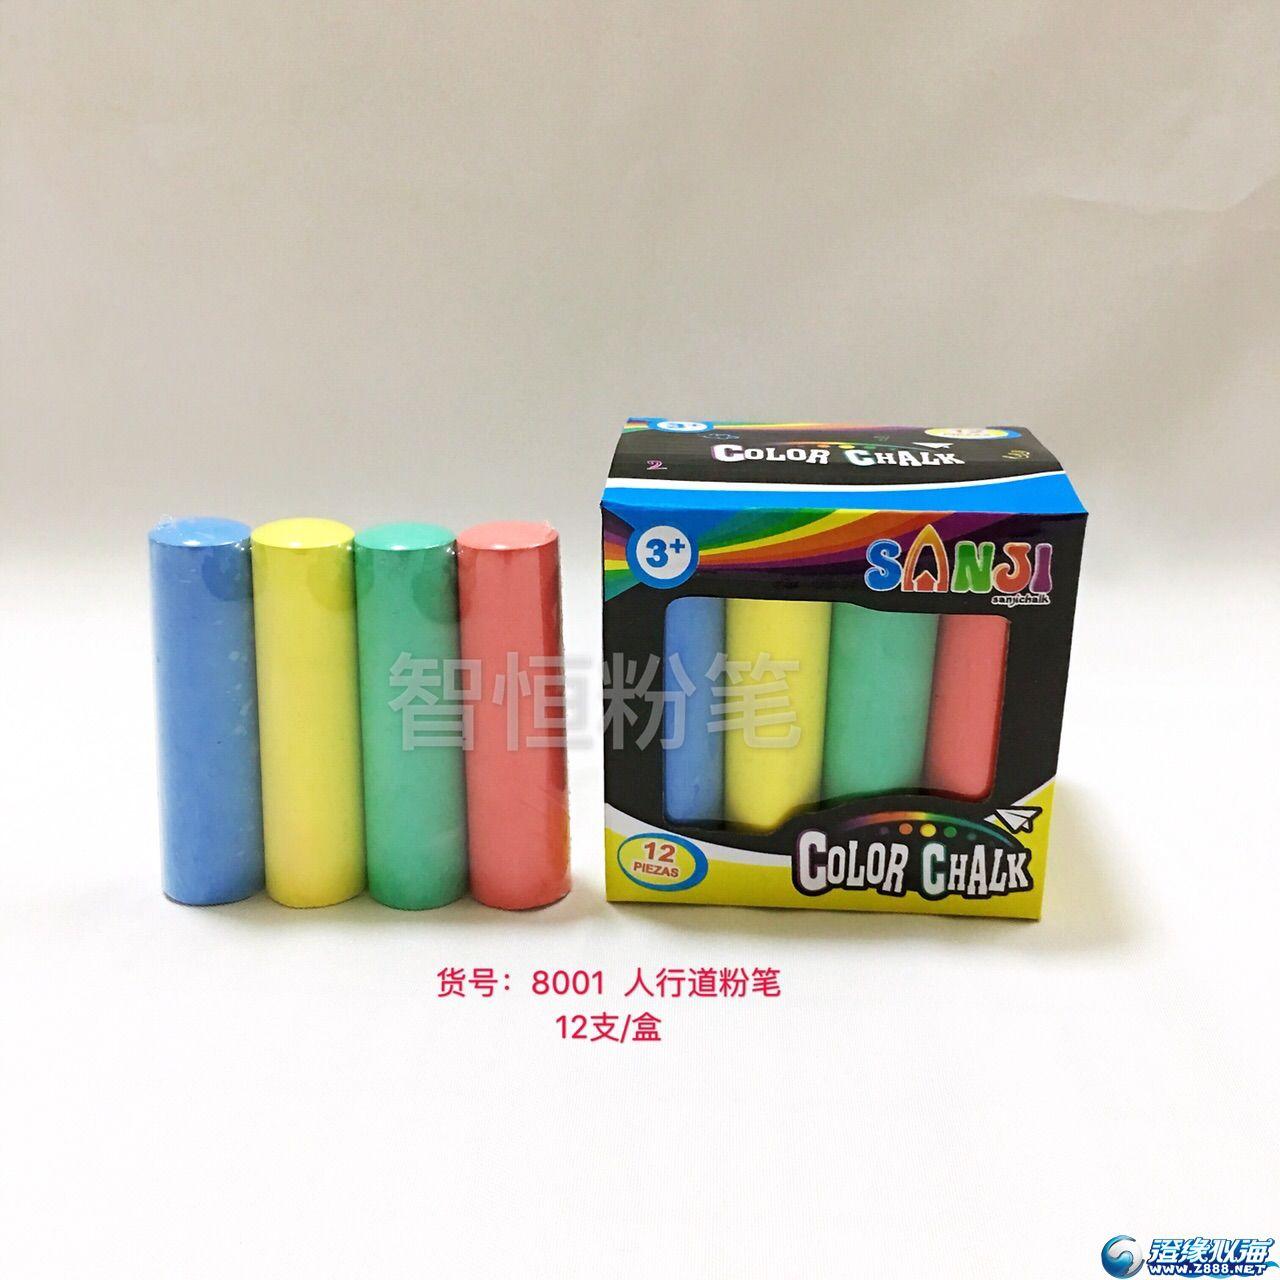 厂家直销批发大粉笔 出口欧美等国家 人行道粉笔 儿童彩色玩具粉笔